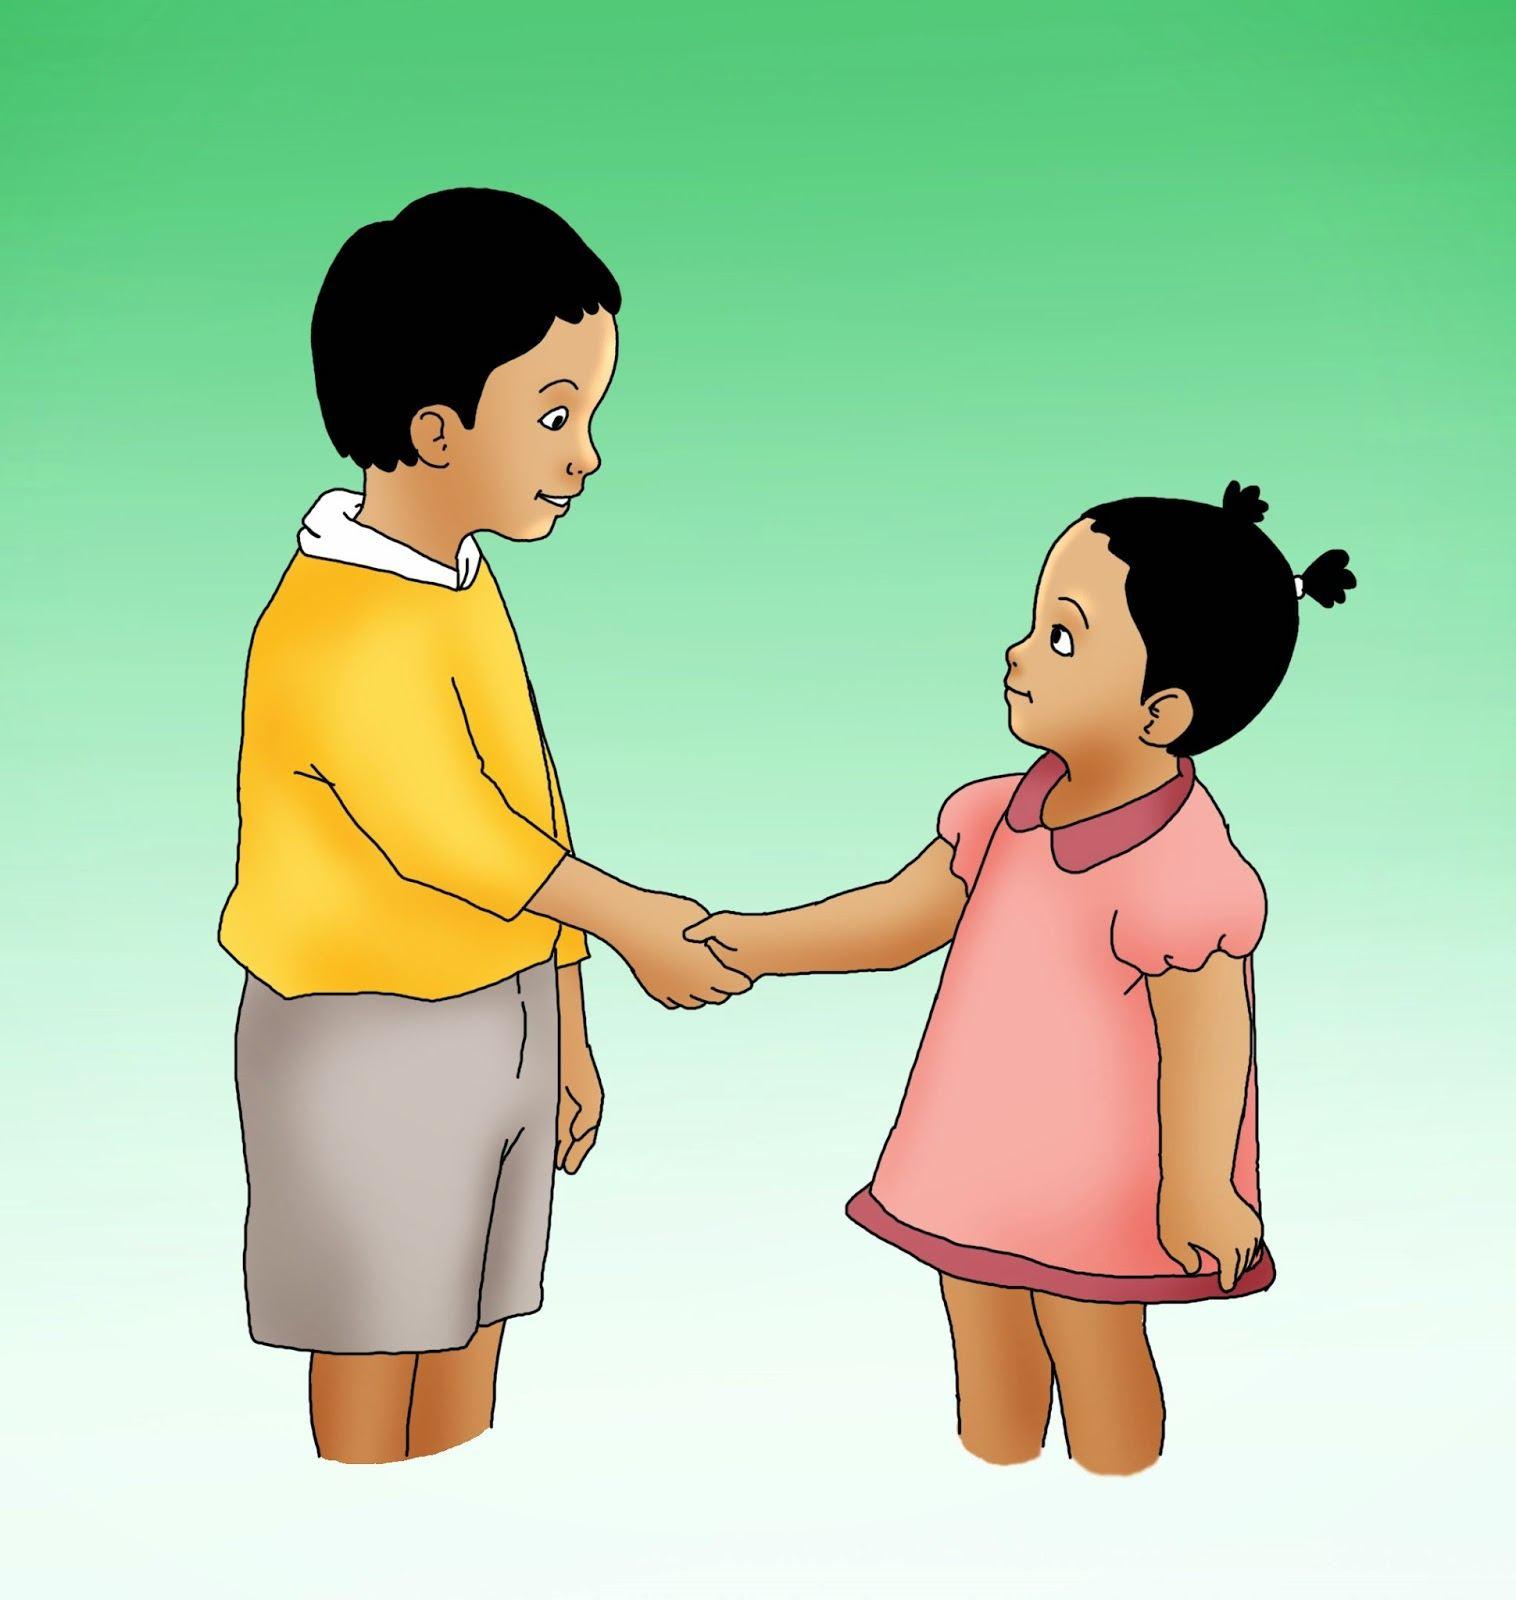 mengatasi anak suka bertengkar yang yg sering selalu cara dengan adiknya saudaranya